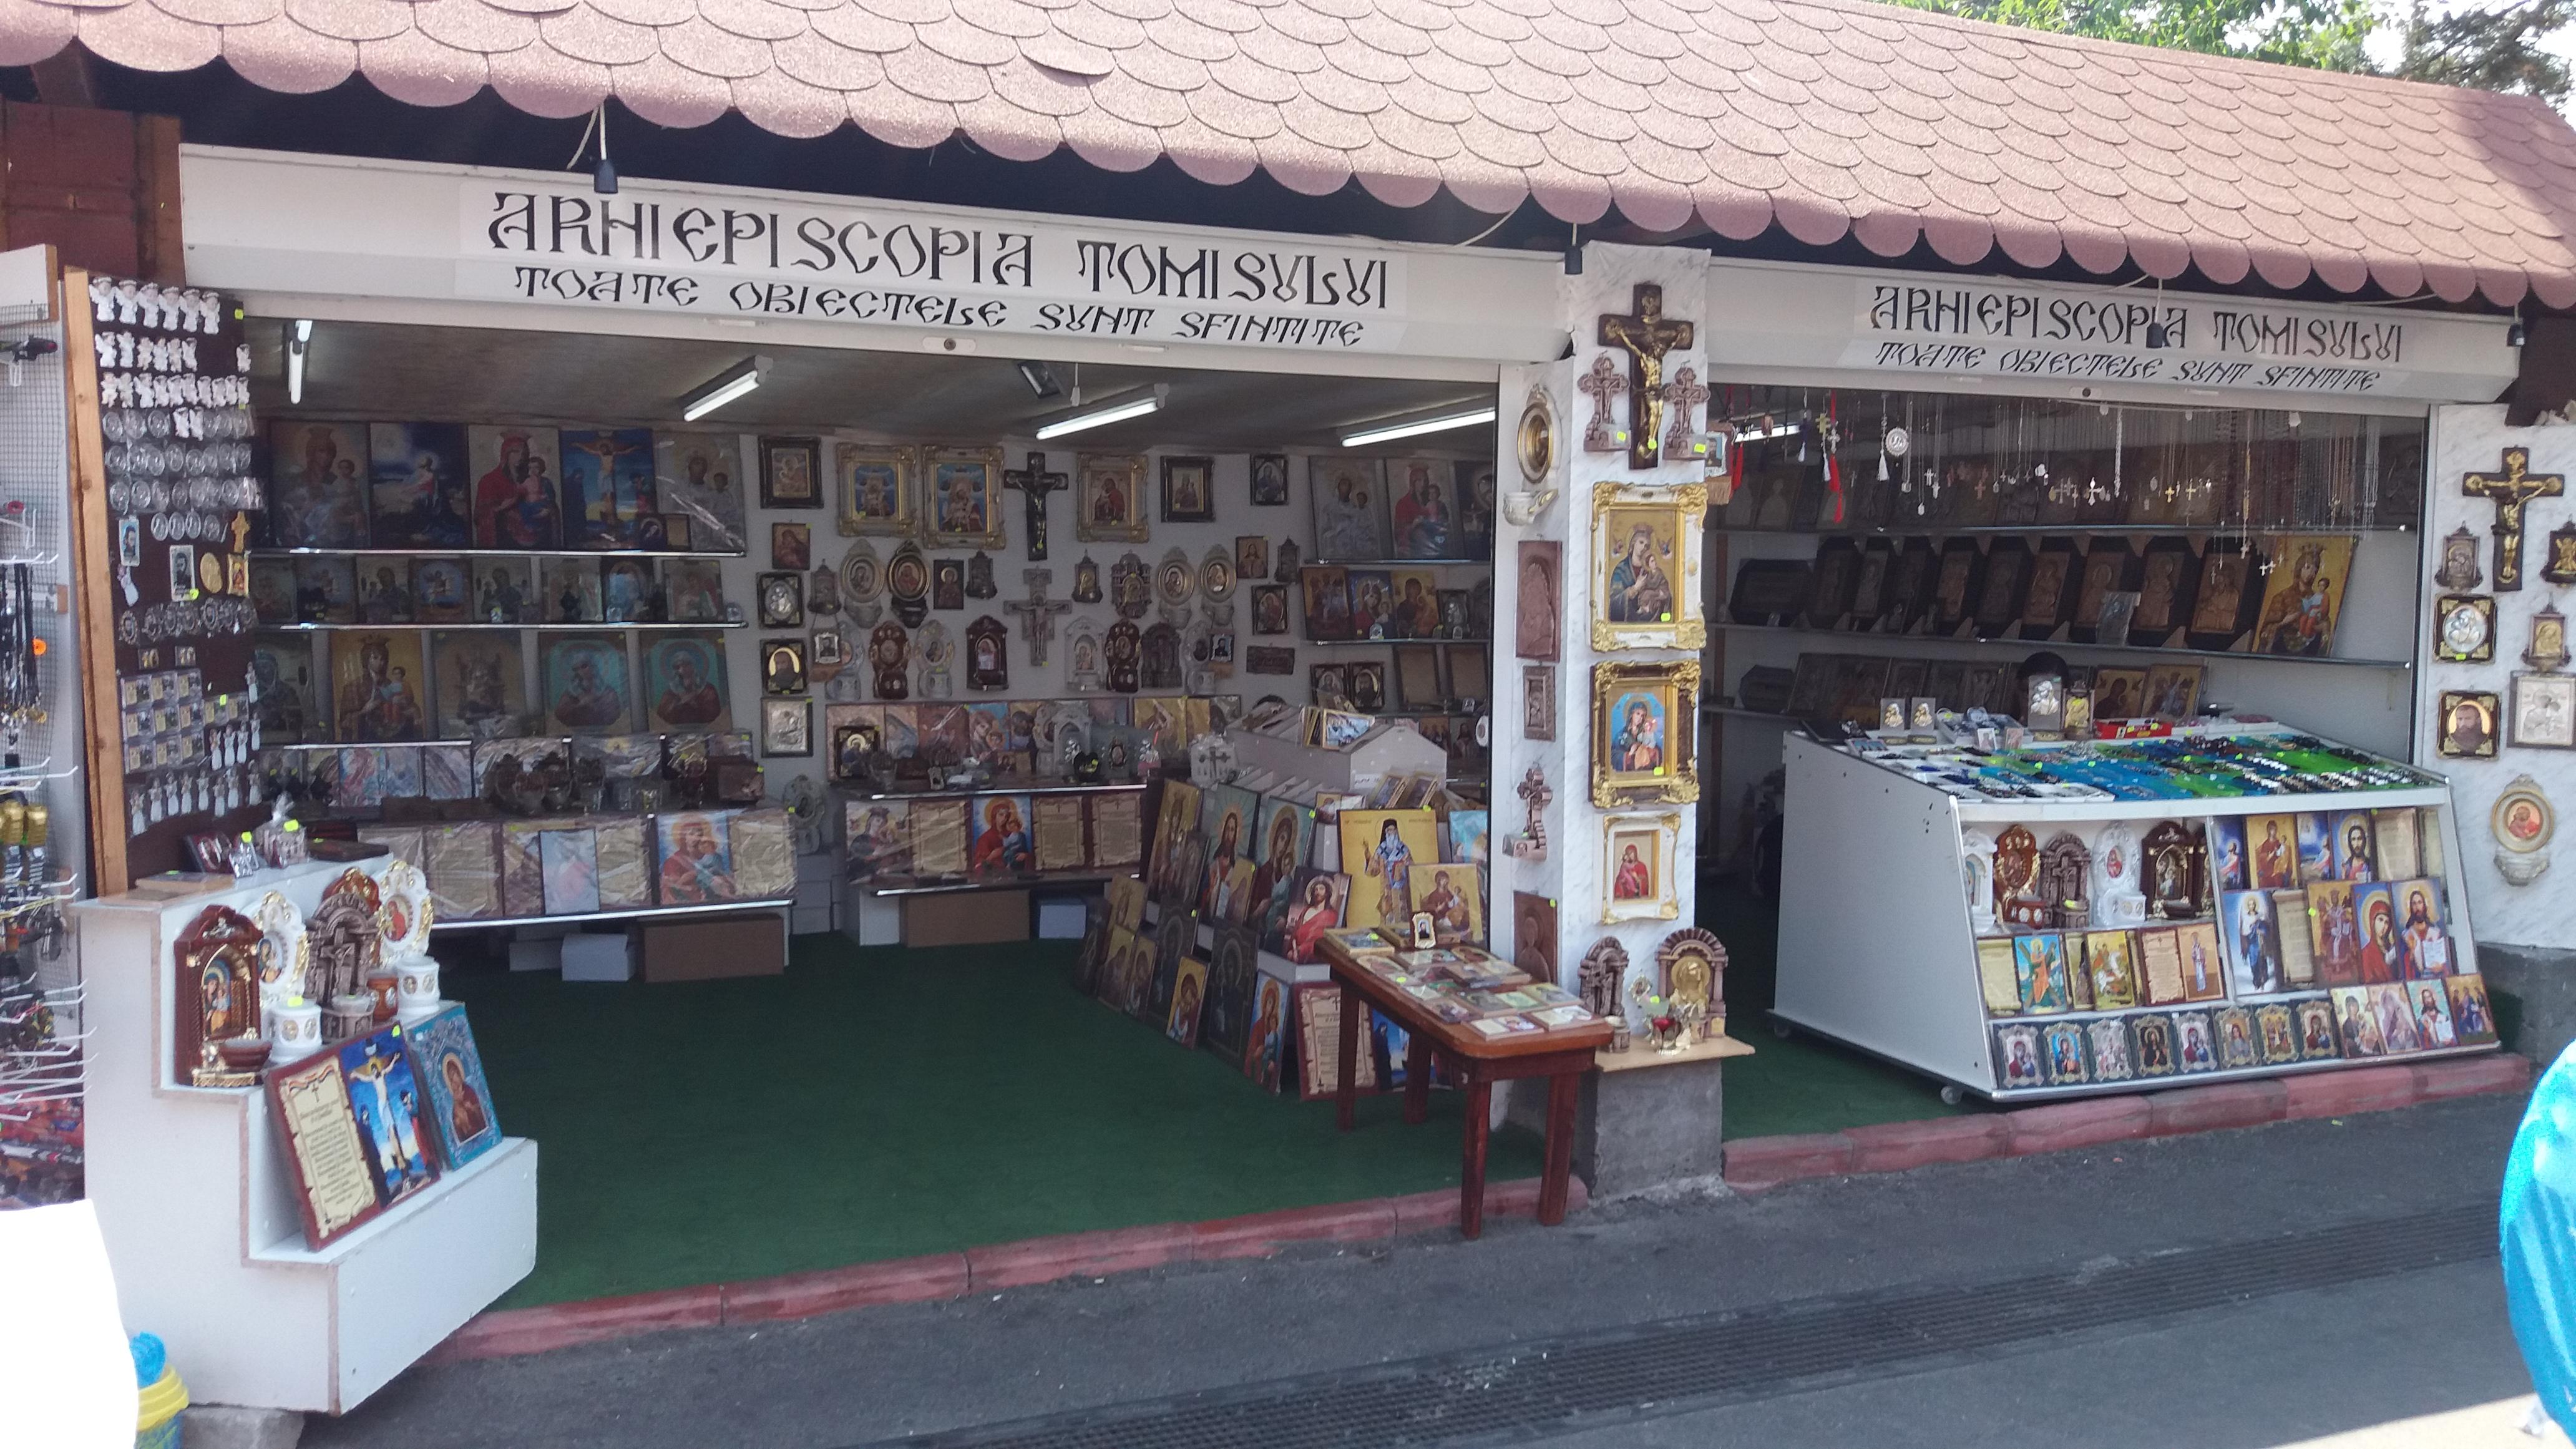 Magazin bisericesc în Satul de Vacanță, printre chiloți, sutiene, papuci, colace, ace, brice și carice.